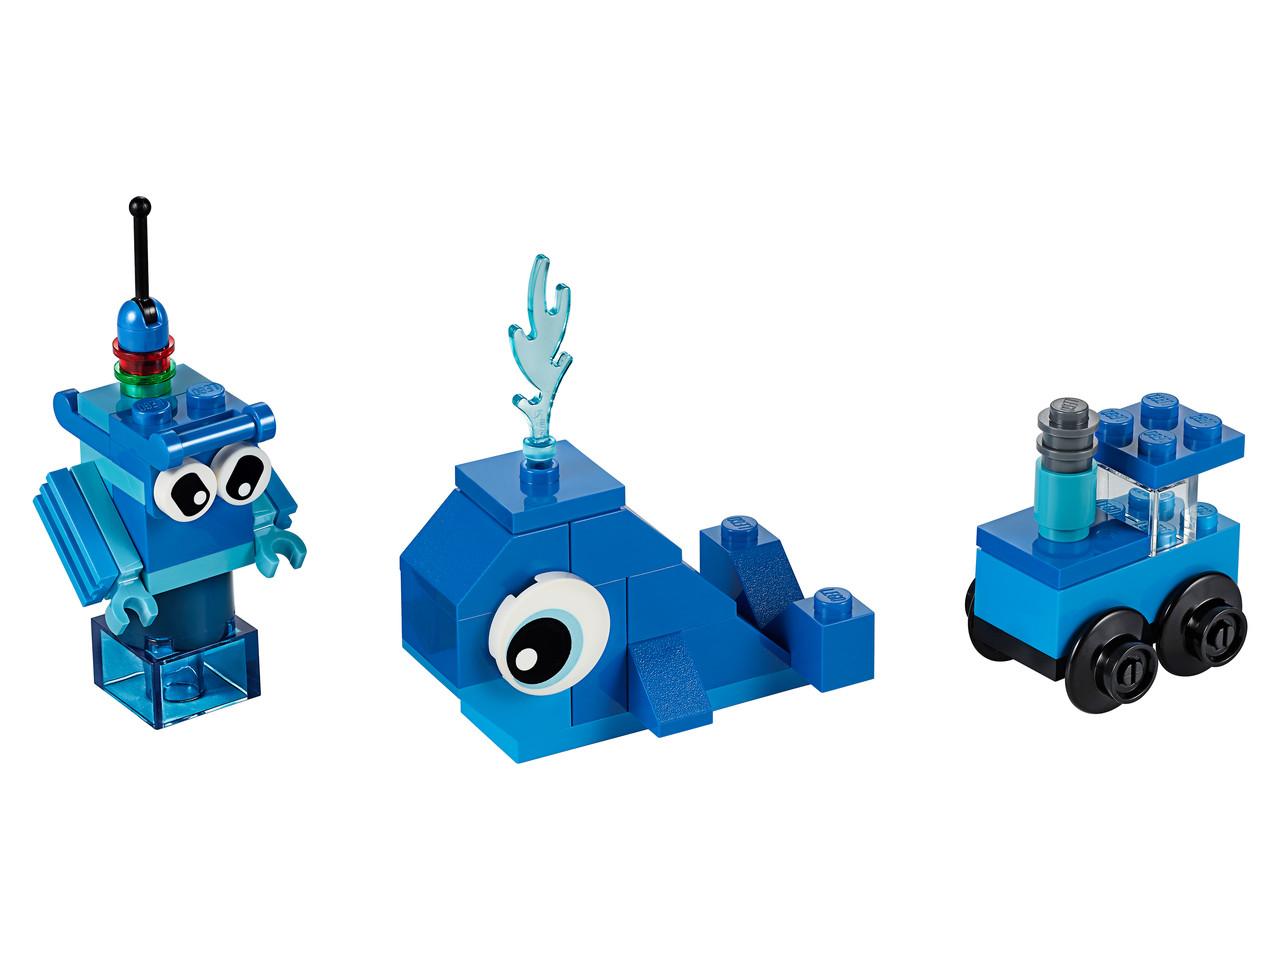 LEGO Classic 11006 Синий набор для конструирования, конструктор ЛЕГО - фото 3